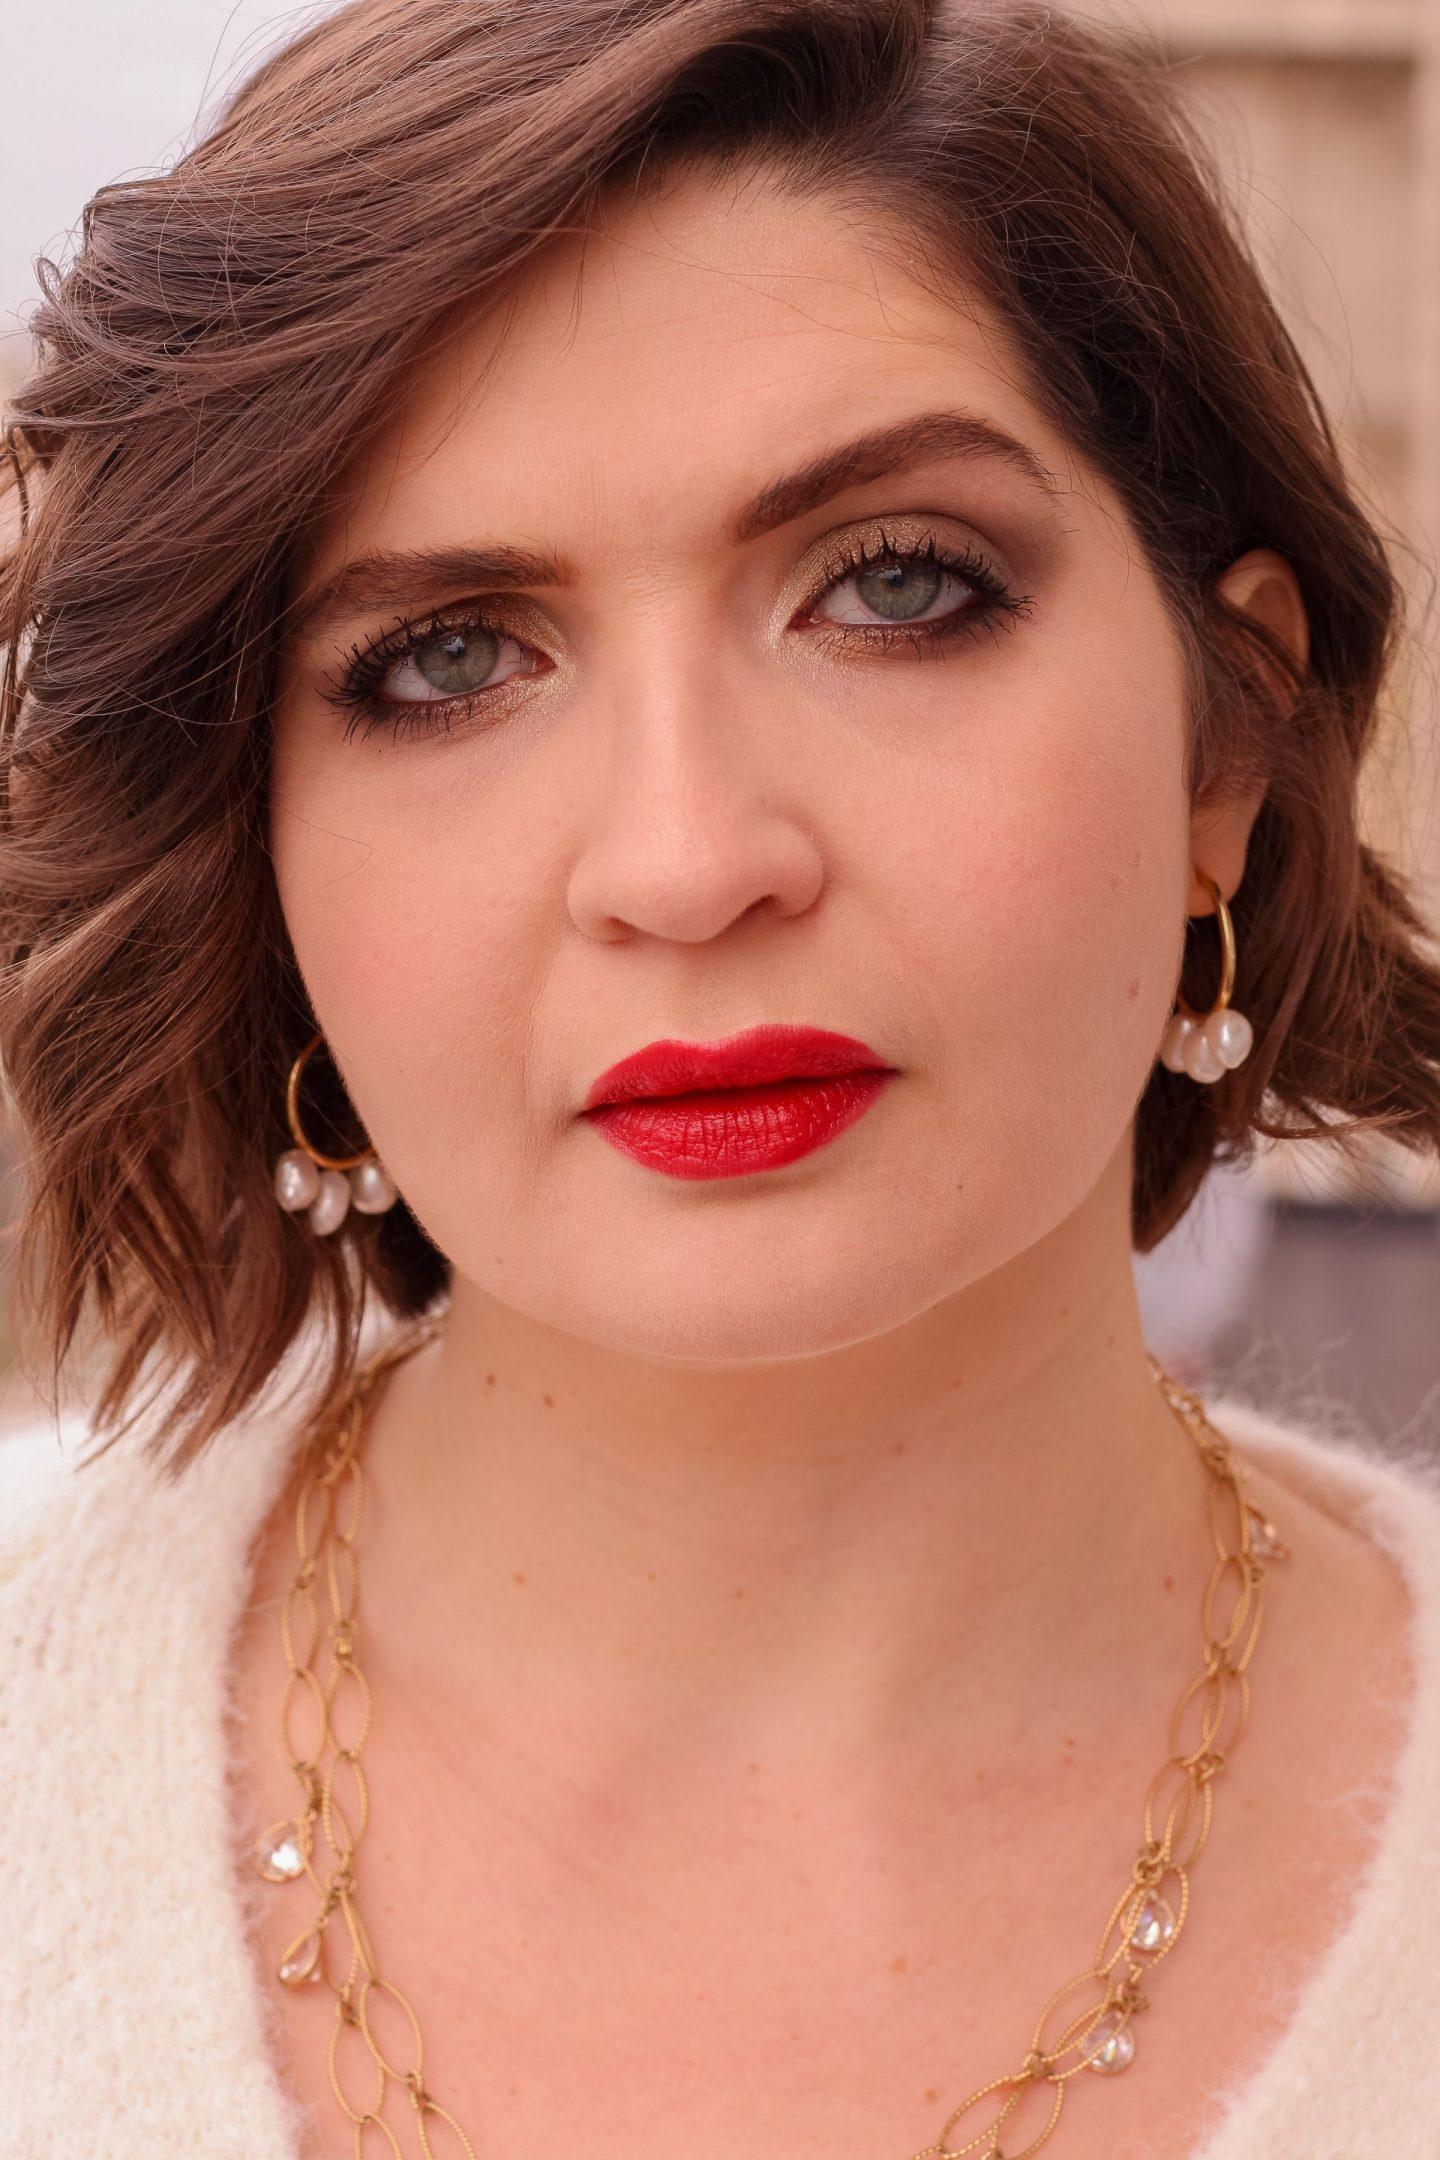 dior holiday makeup